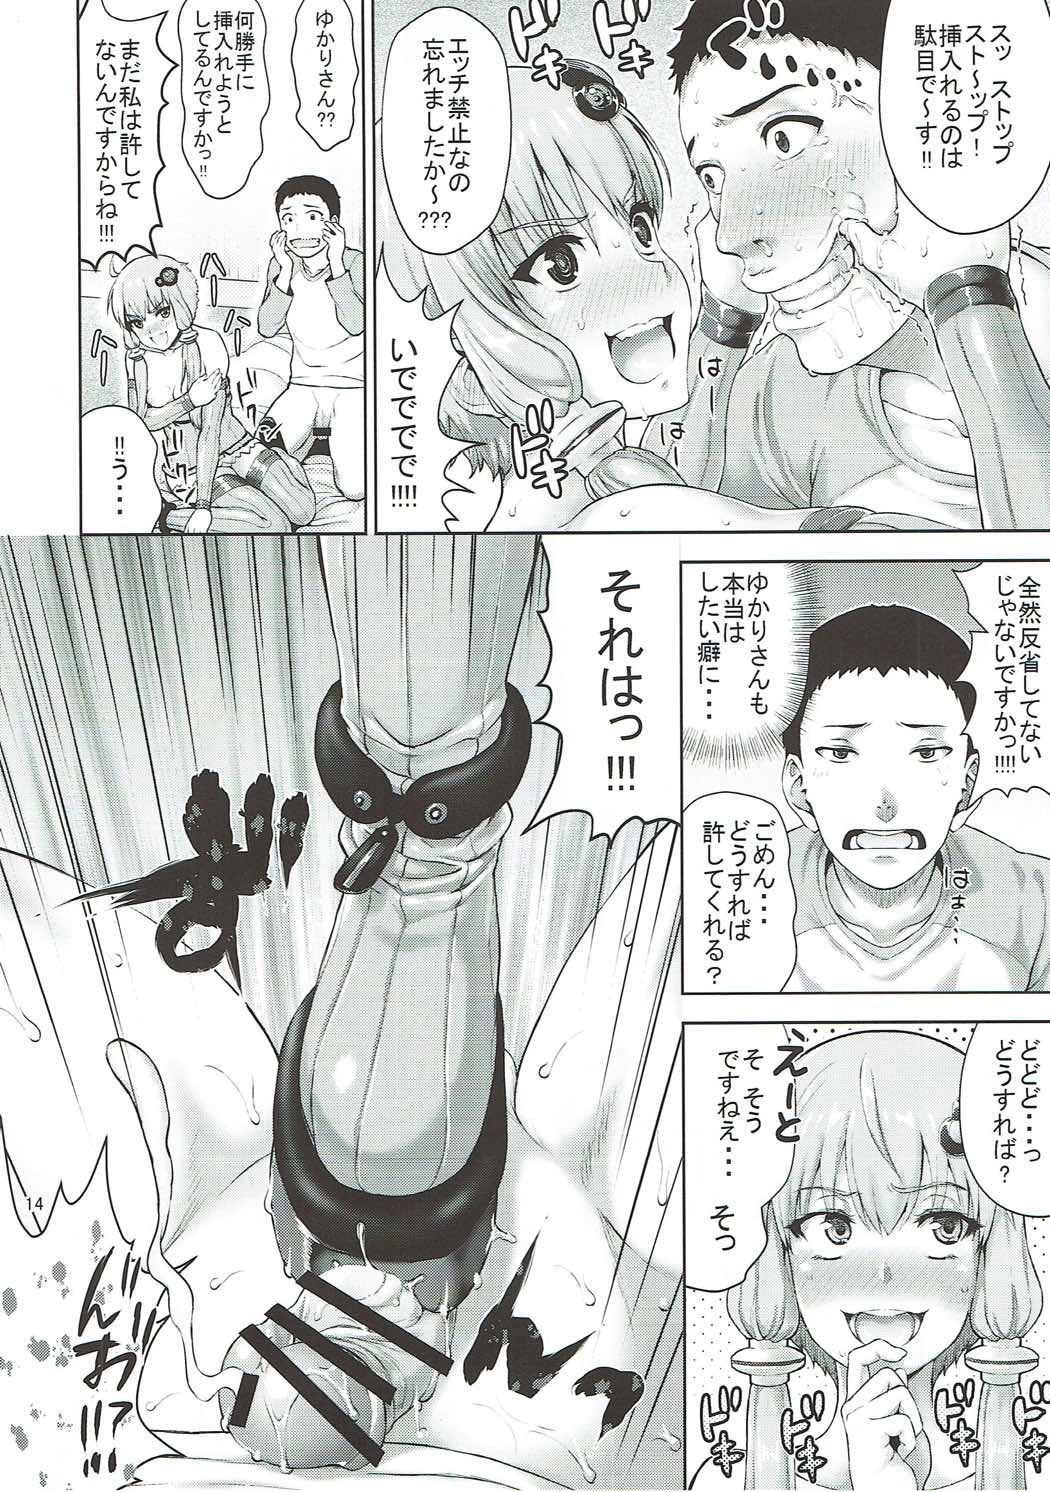 Yukari-san wa Zenzen Erokunai desu kara!!! 12